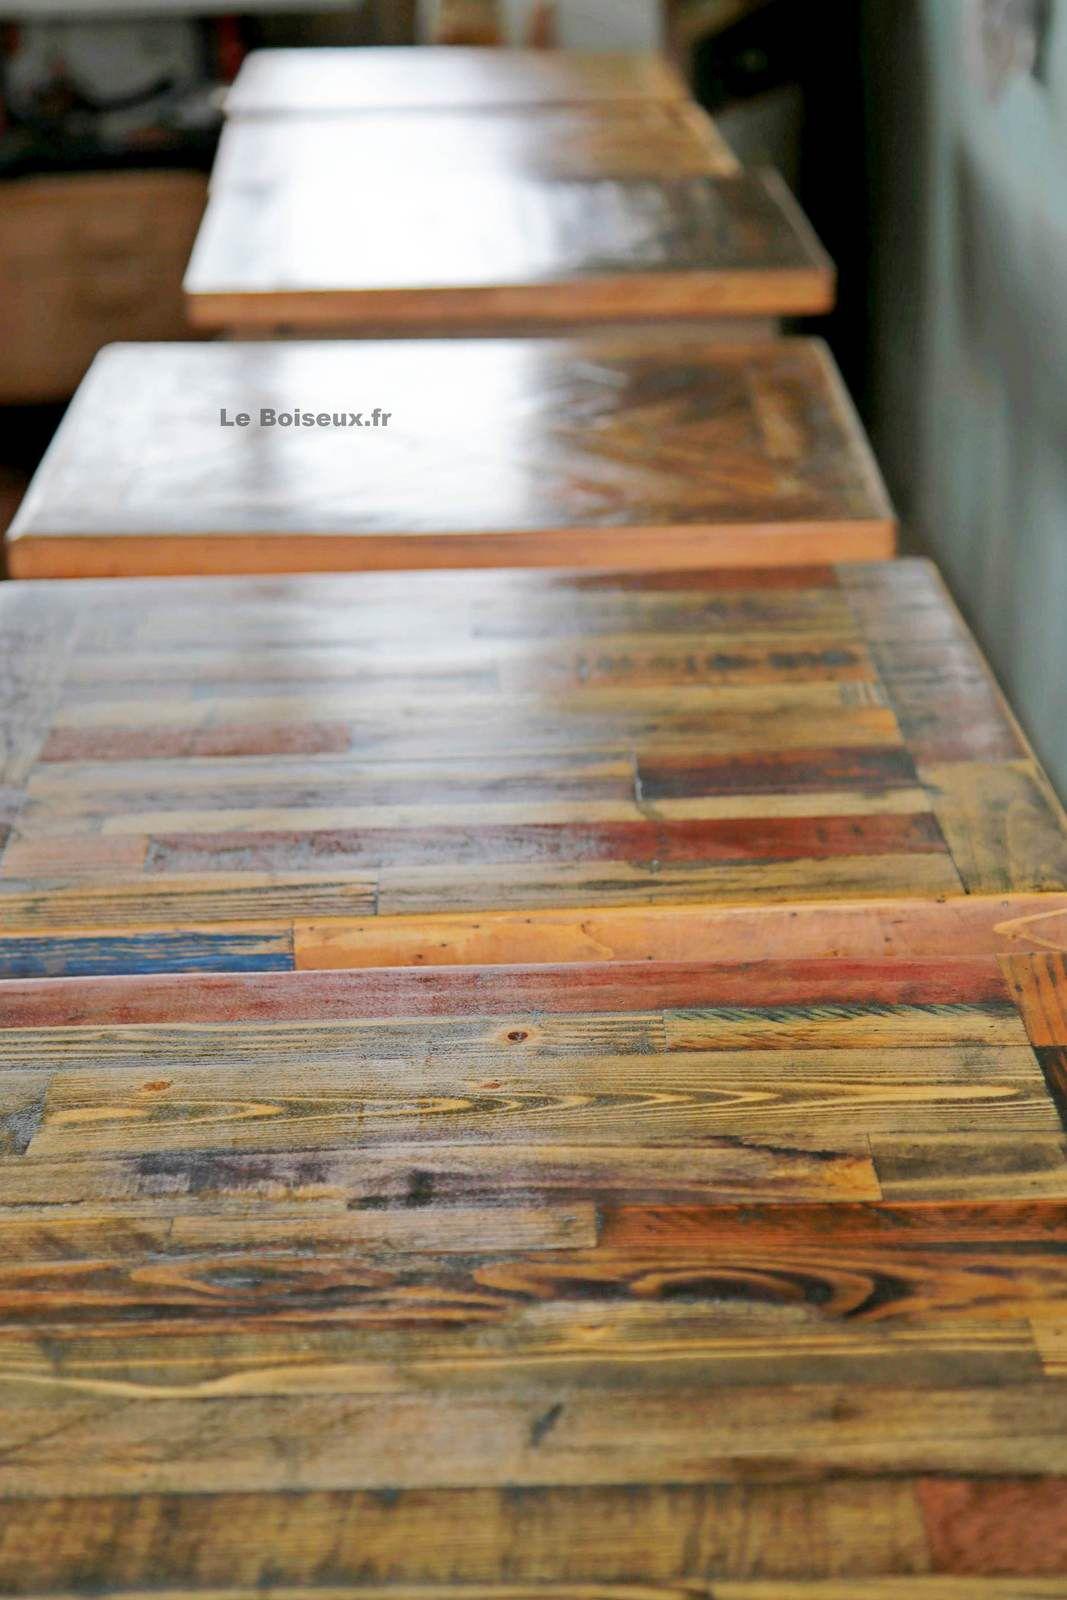 Assortiment de petits et grands plateaux, aux formats standards ou sur-mesure, issus de divers bois de fin de chantiers façonnés, présentés ici afin de vous aider à concevoir des modèles personnalisés, à même de refléter vos convictions et votre concept décoratif.